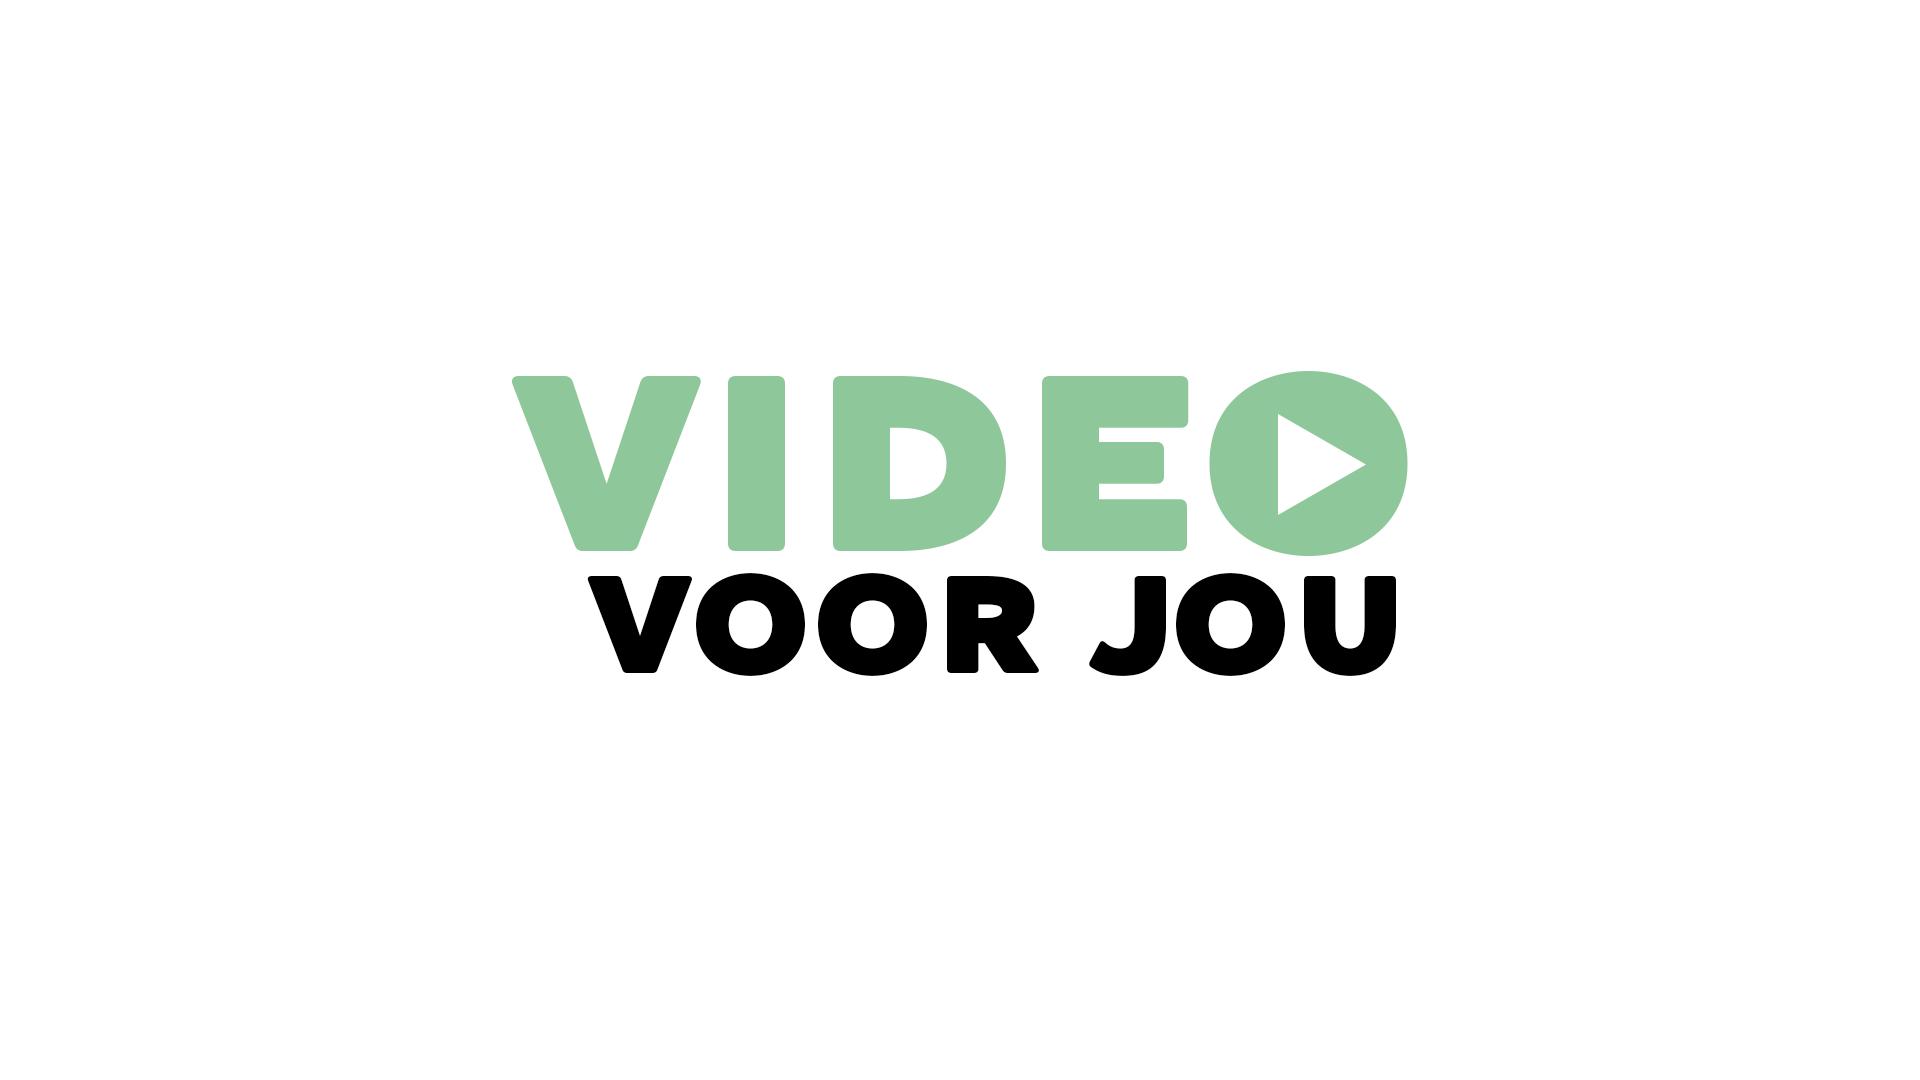 Nieuw logo, nieuwe huisstijl!